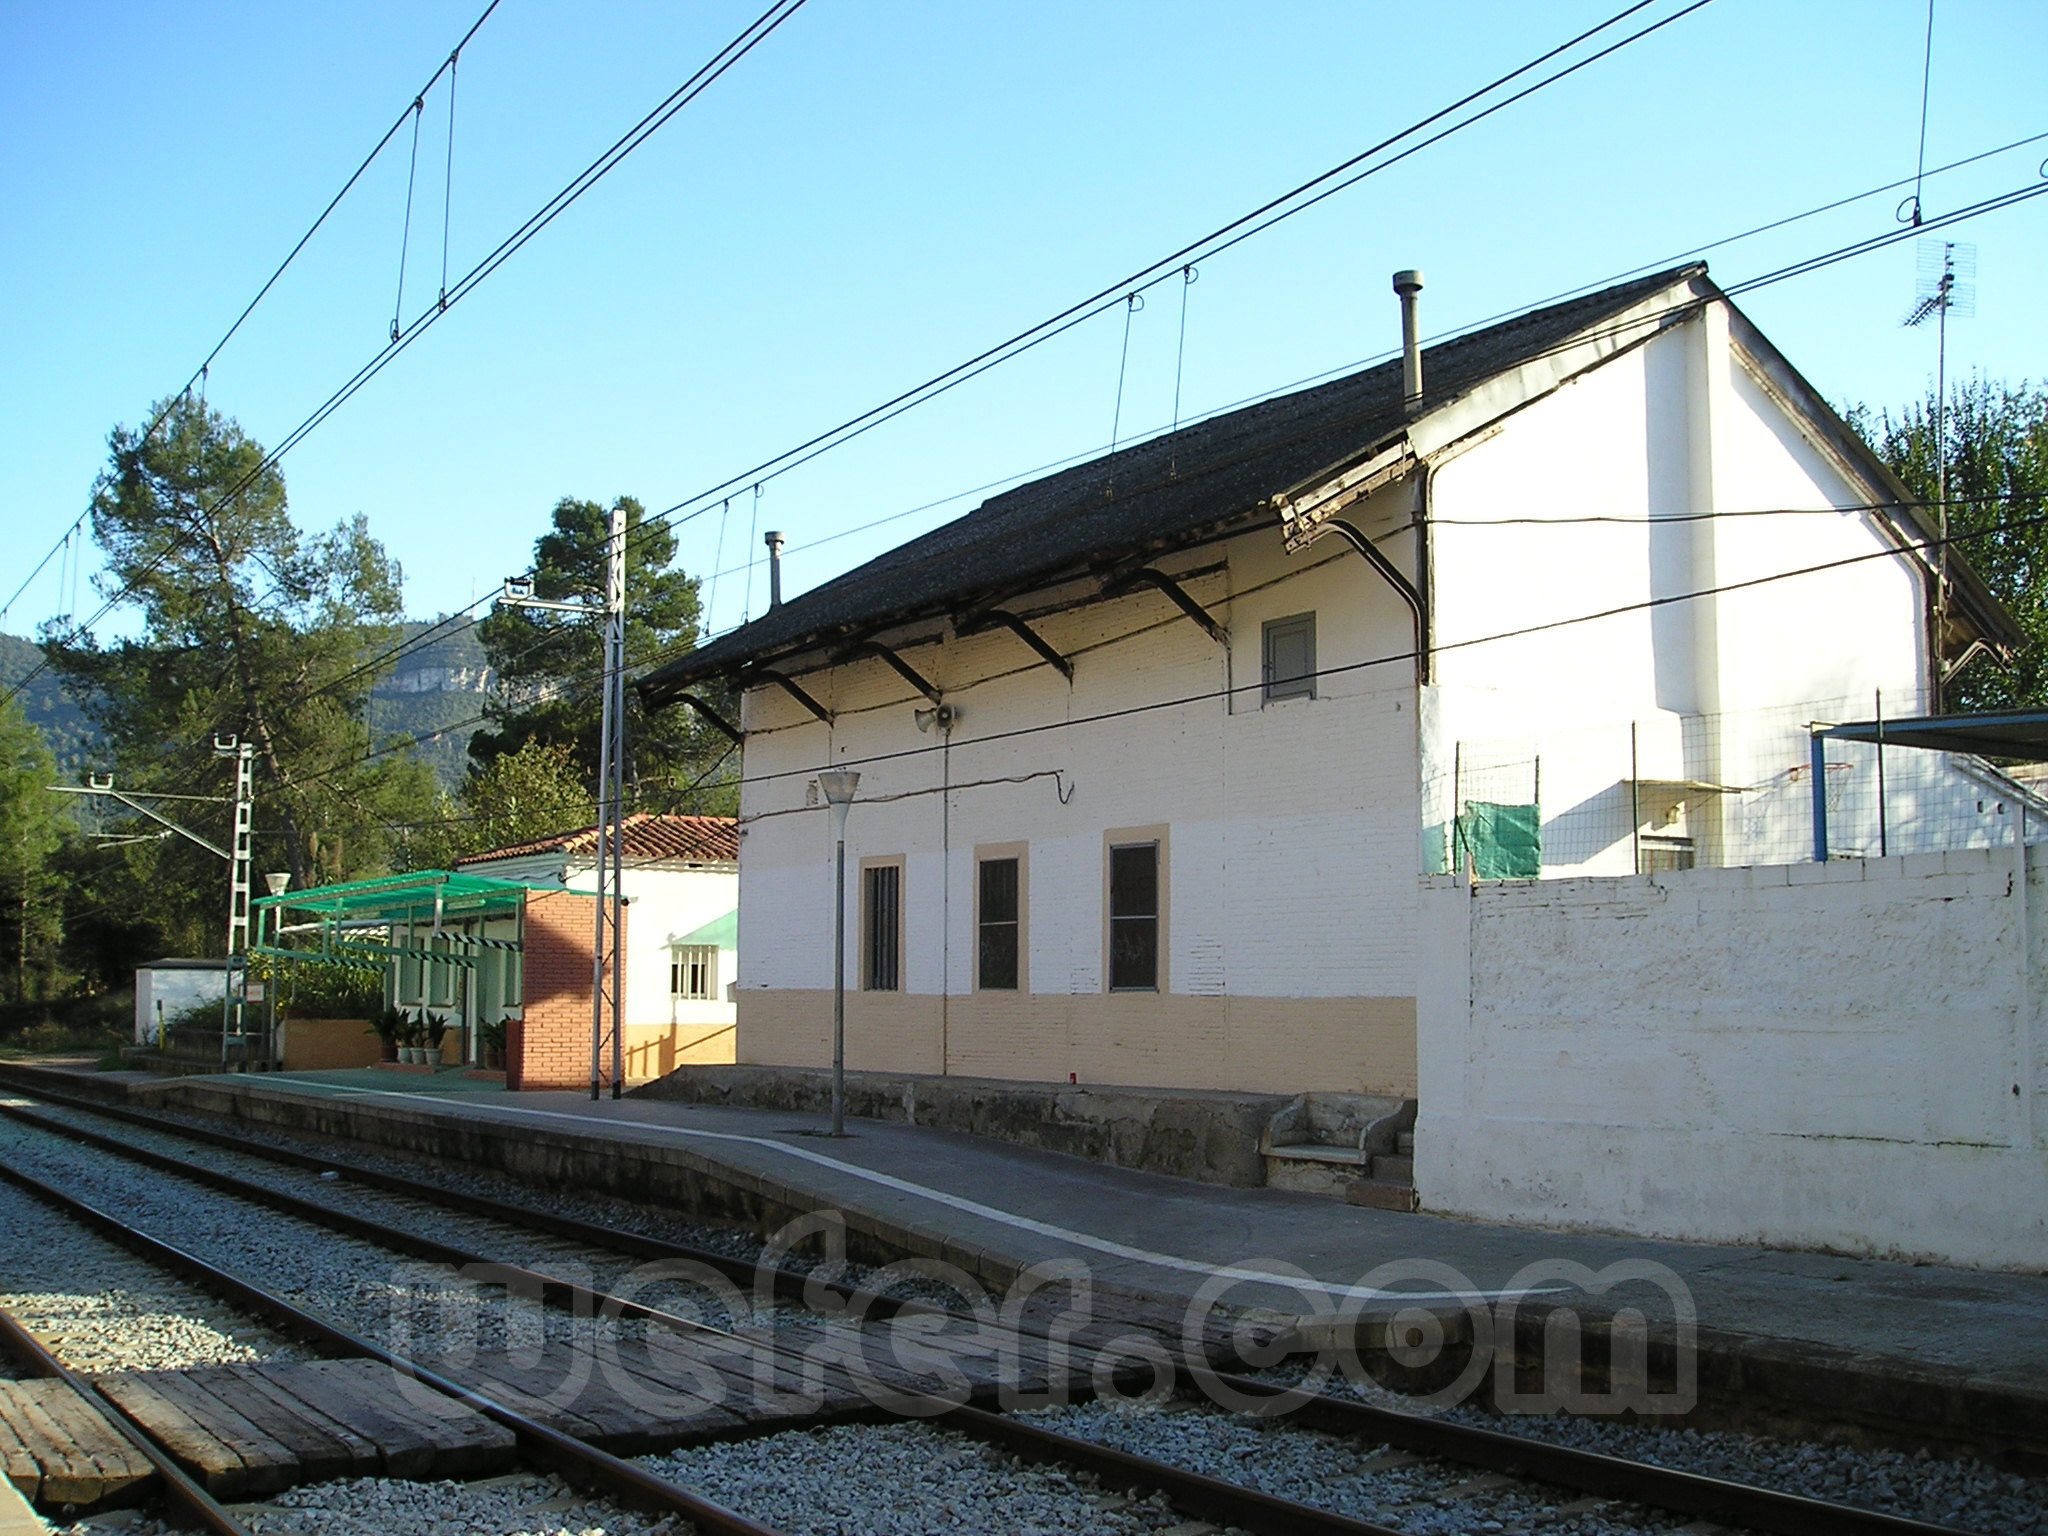 Renfe / ADIF: Vacarisses - Torreblanca